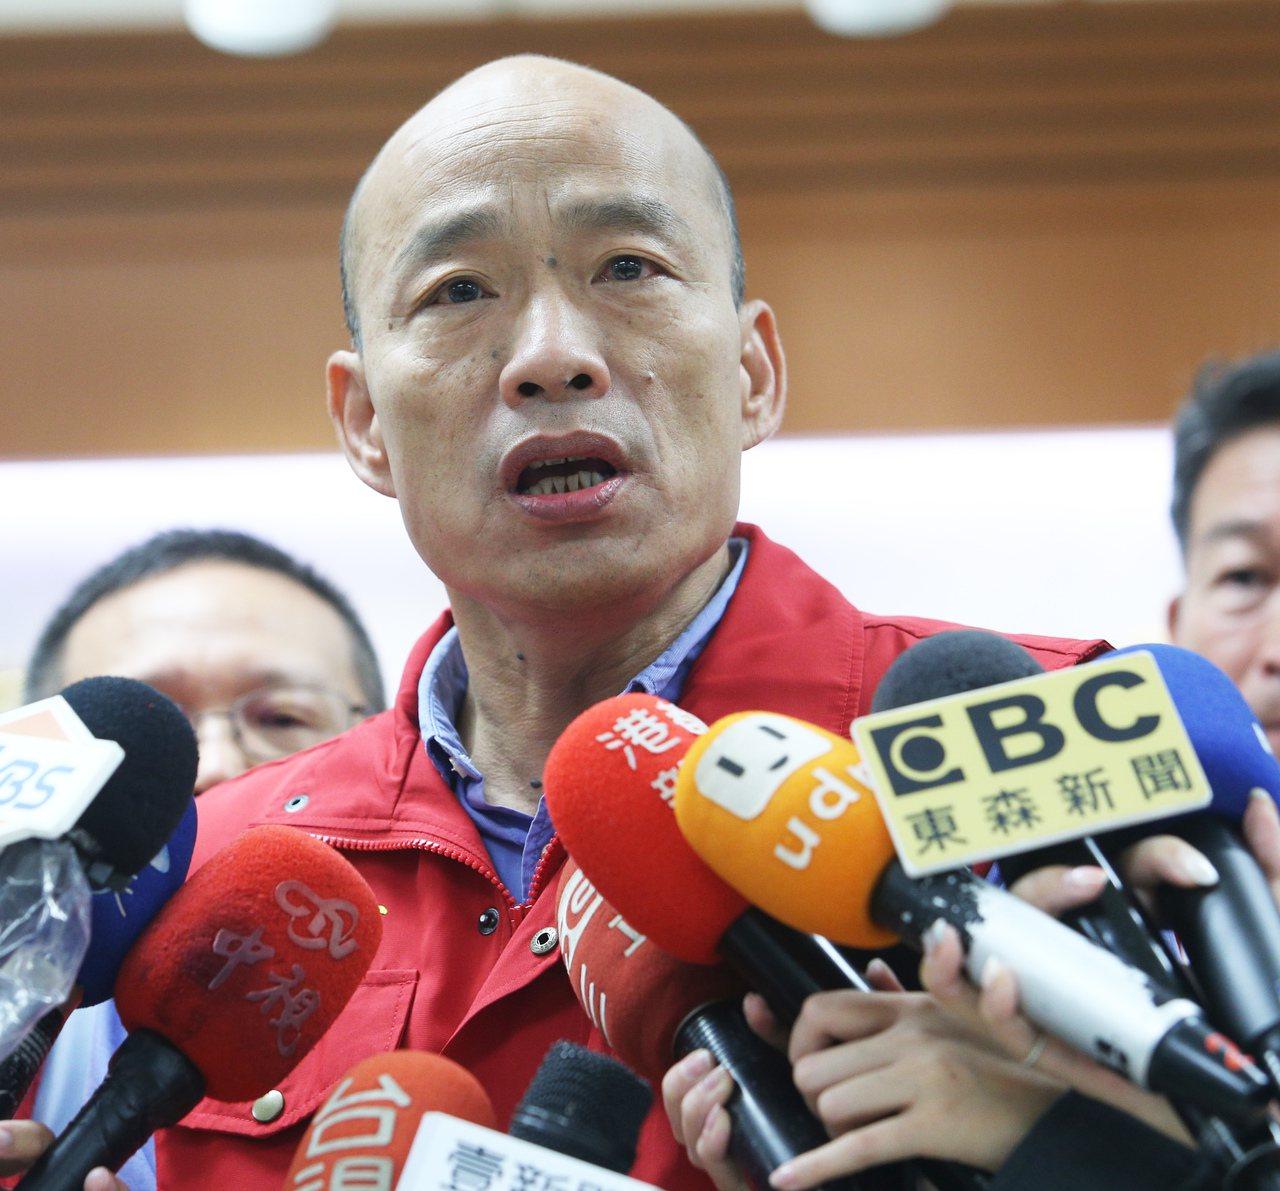 高雄市長韓國瑜今天凌晨以「永遠的後悔」來談國民黨在過去兩次的台北市市長選舉,同時...